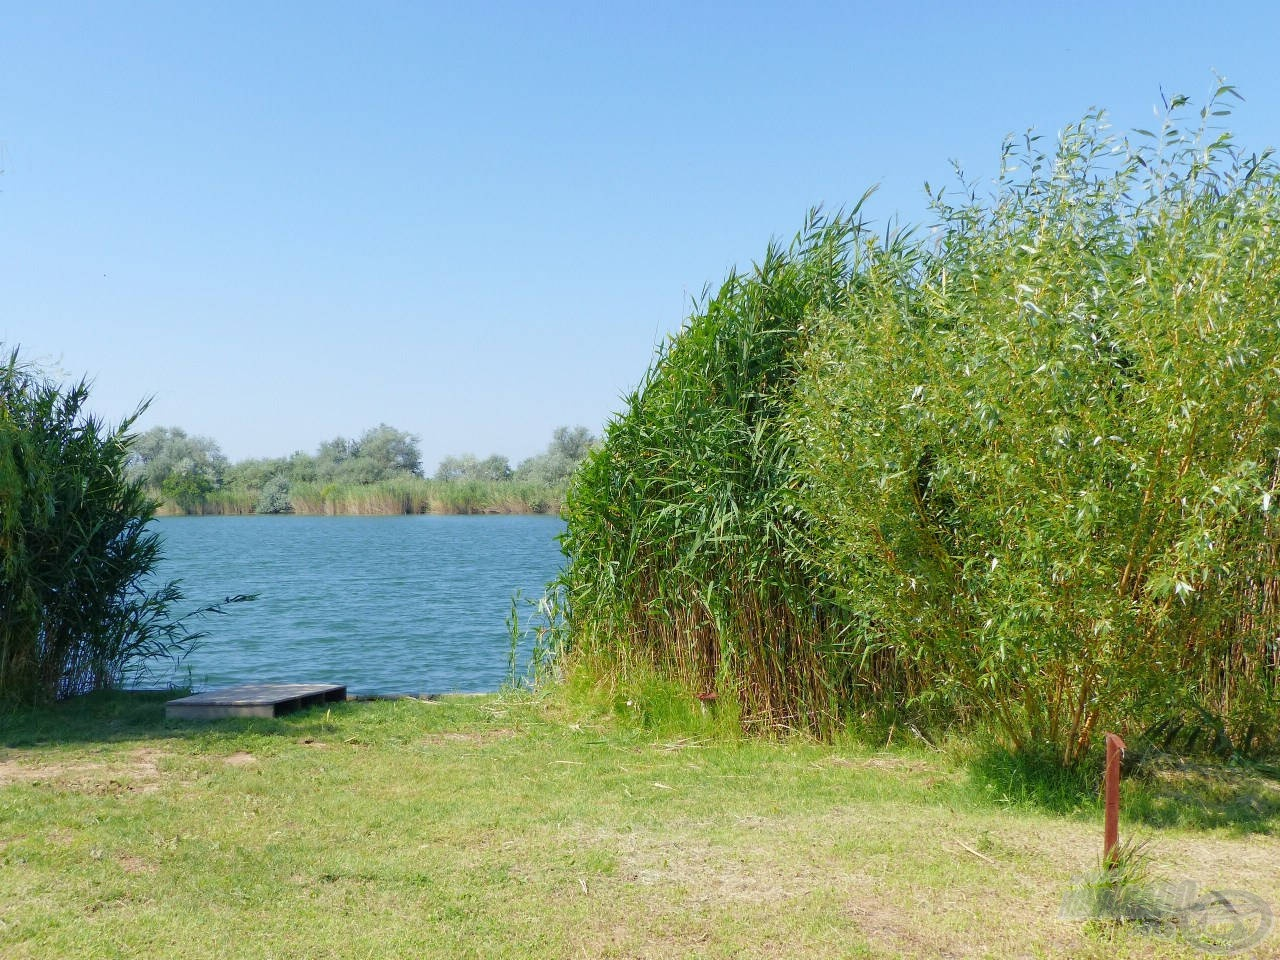 Gyönyörű nádas veszi körül a tavat, ahol diszkréten kialakított horgászhelyek várják a horgászokat